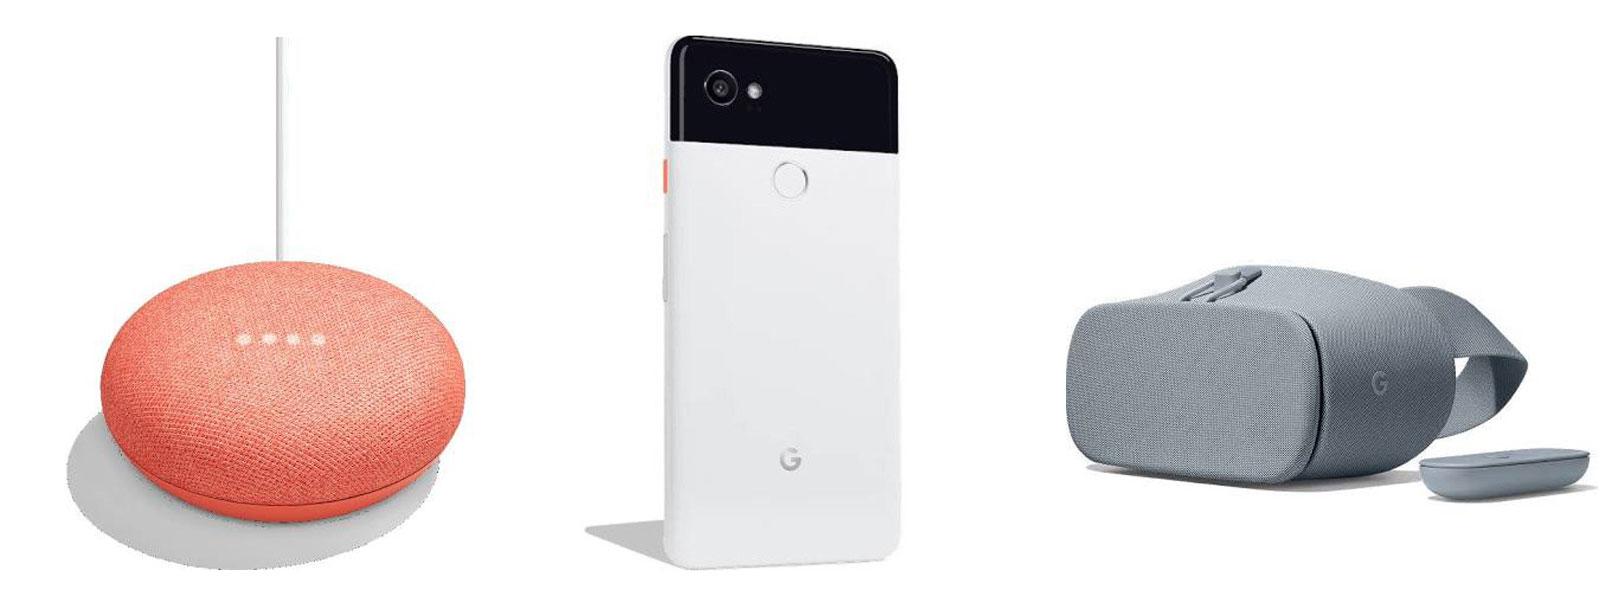 الأجهزة المسربة التي يتوقع طرحها في مؤتمر جوجل